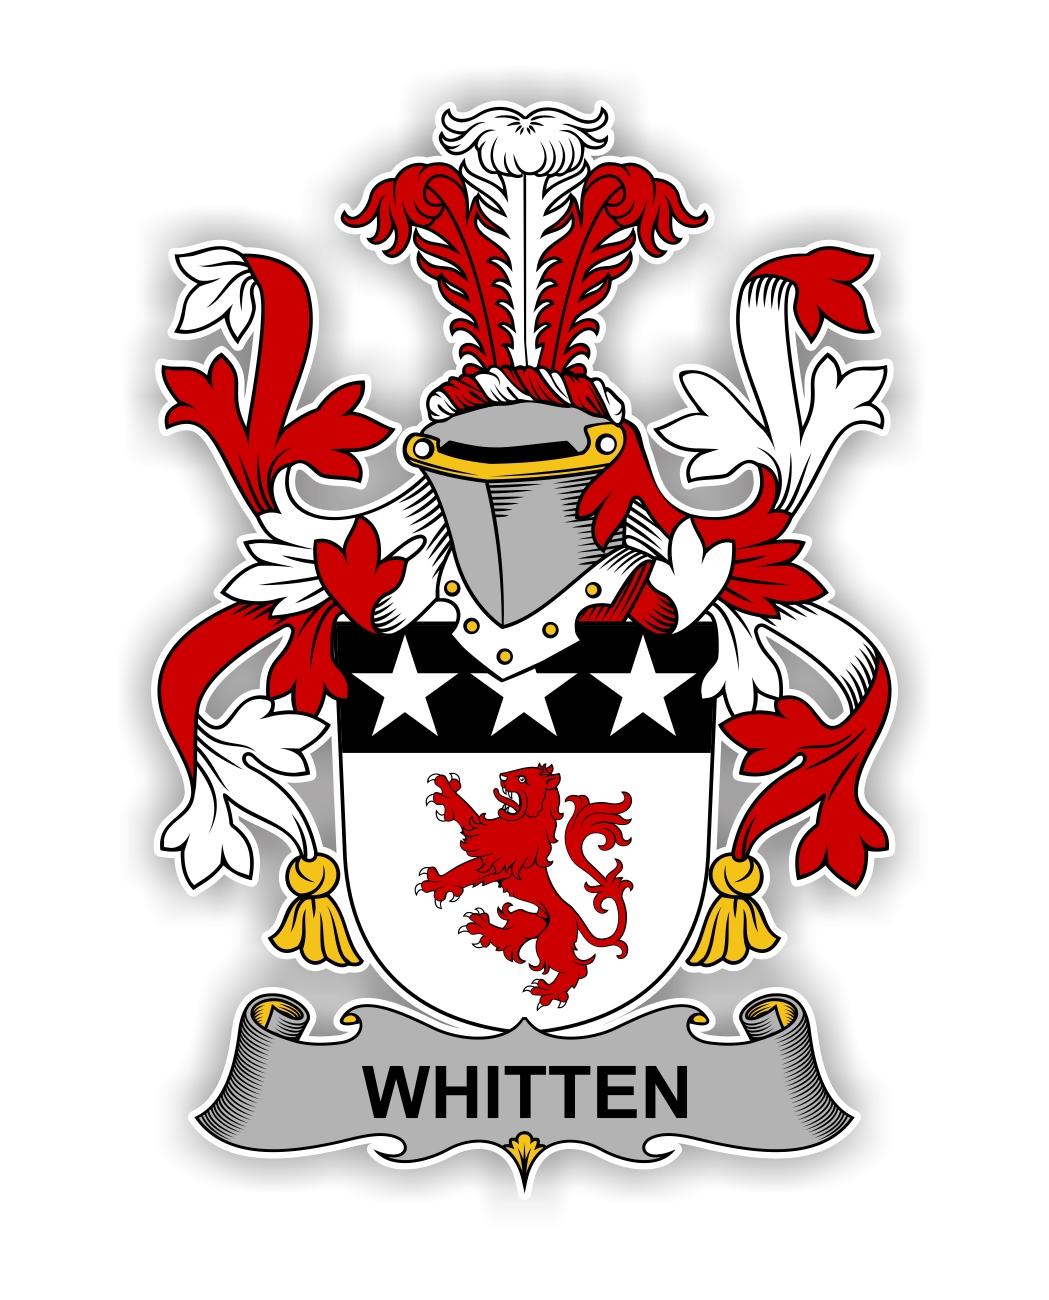 Whitten Family Crest Vinyl Die Cut Decal Sticker 4